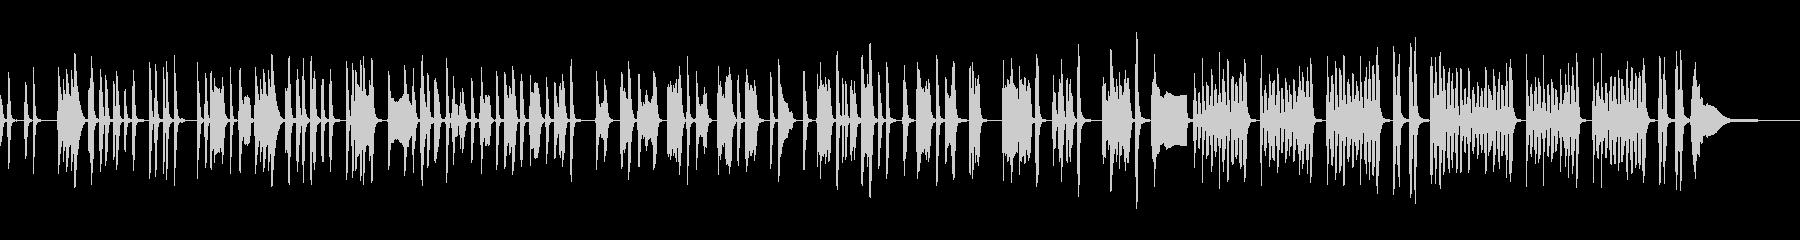 フラフラした日常の会話シーンでの音楽の未再生の波形